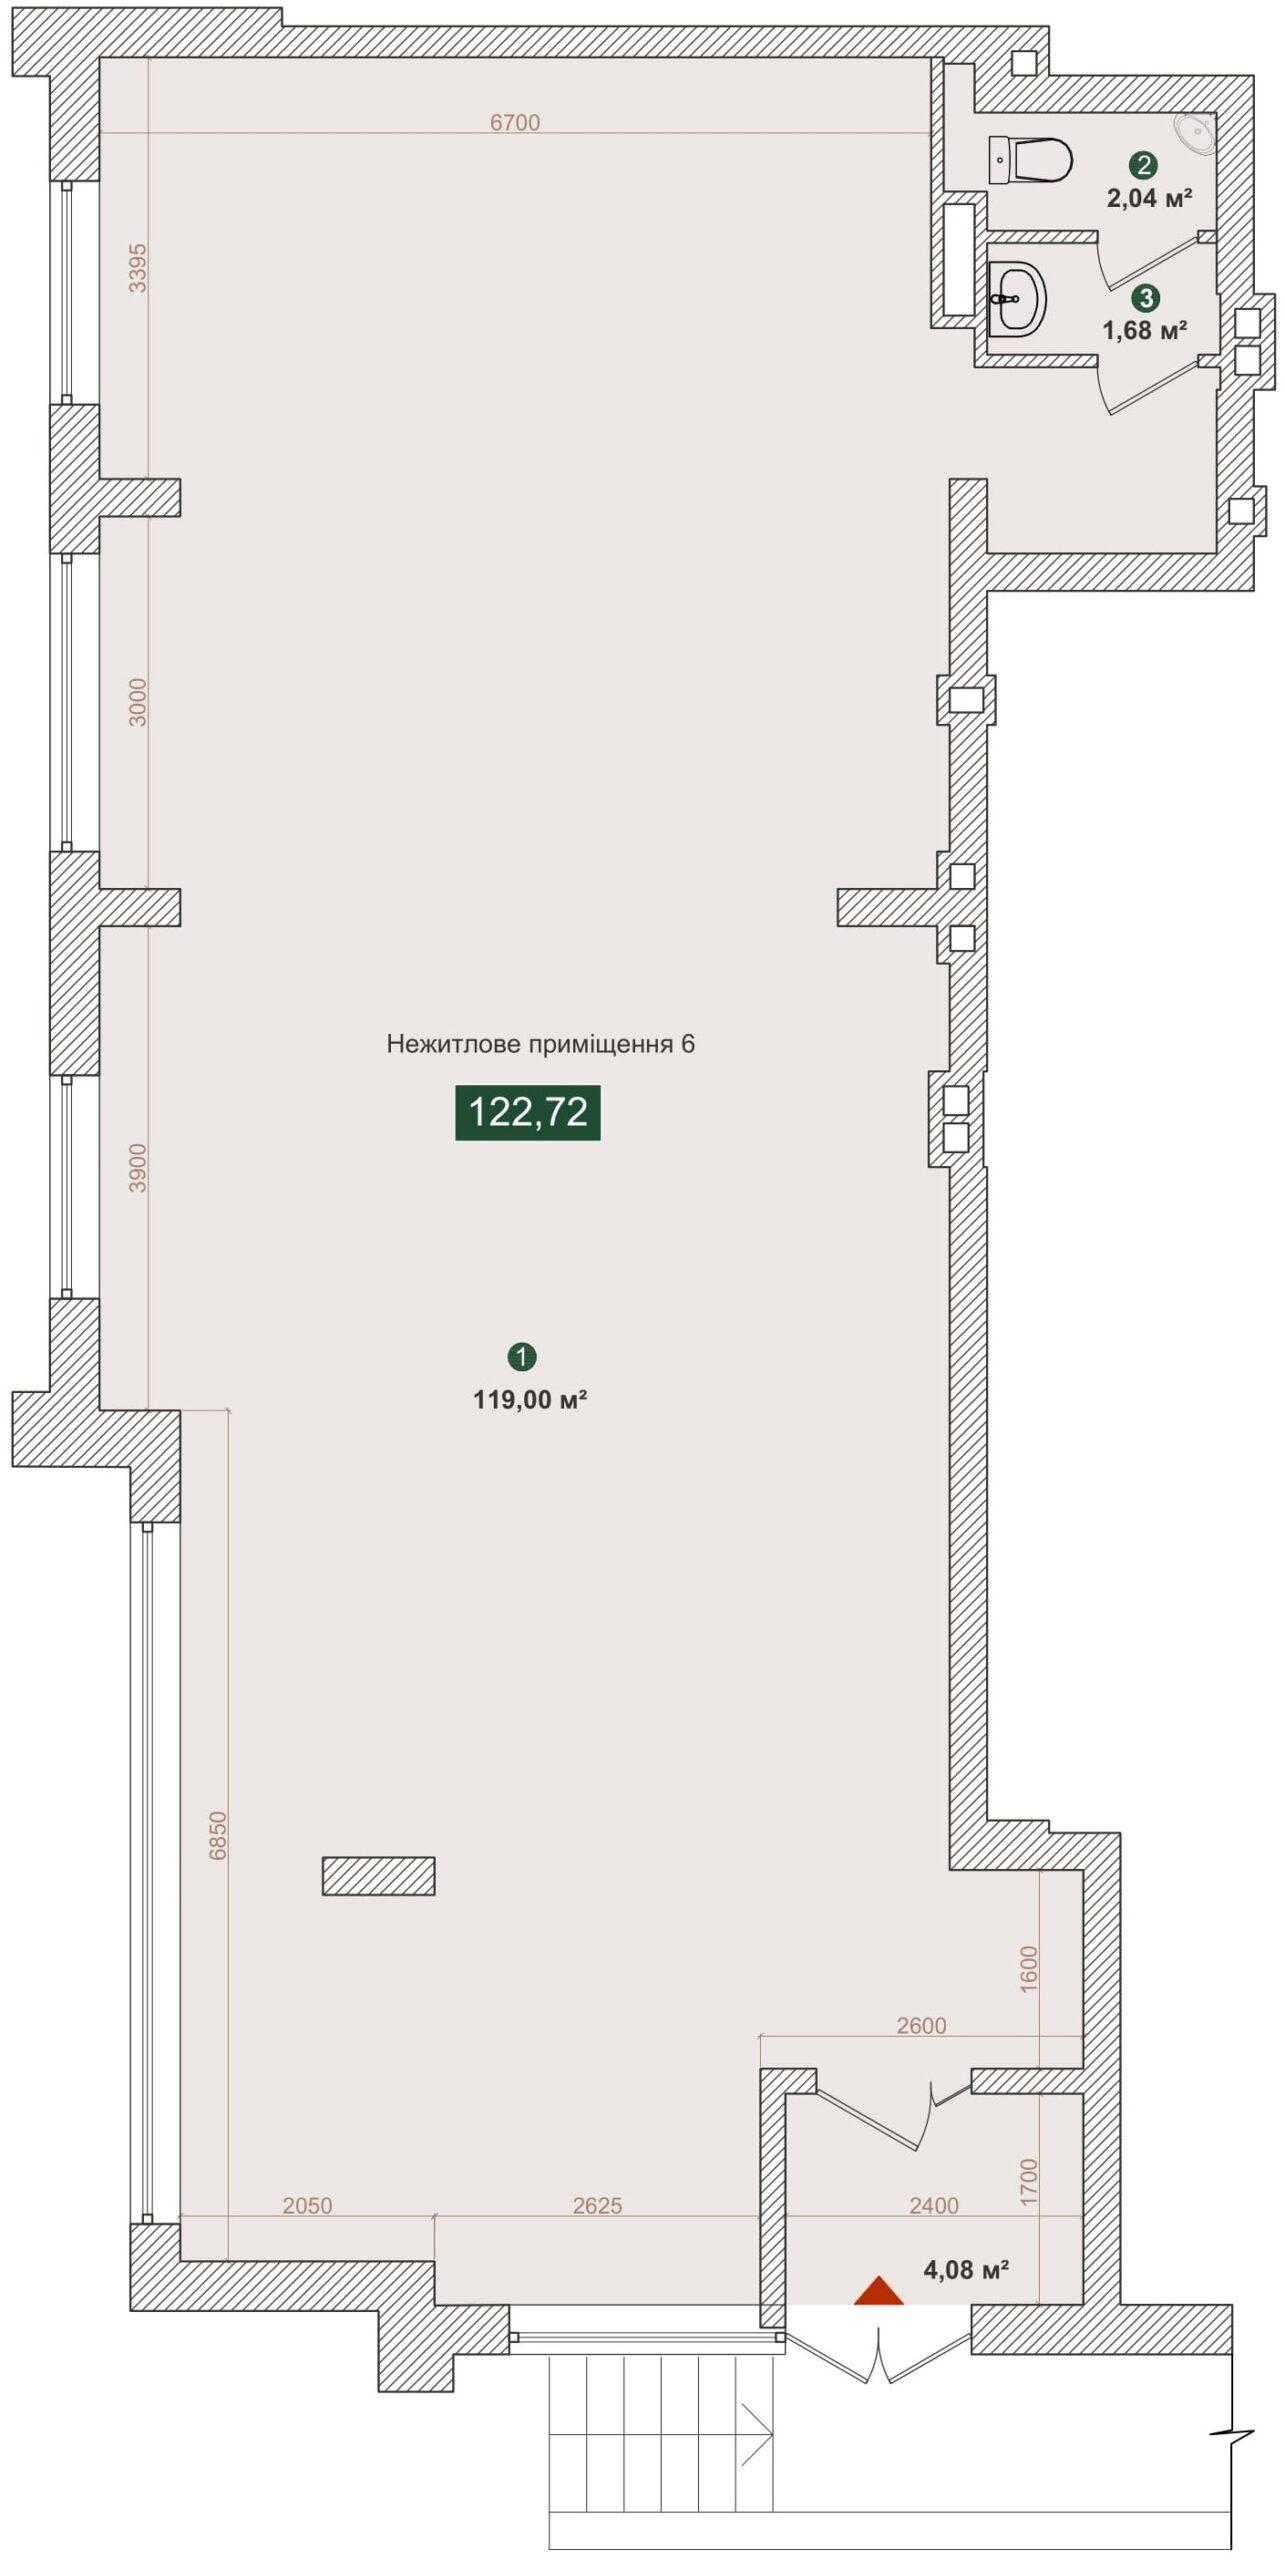 Комерційне приміщення №6, будинок №2, секція A, Дніпроводська,1 у ЖК Forest Park